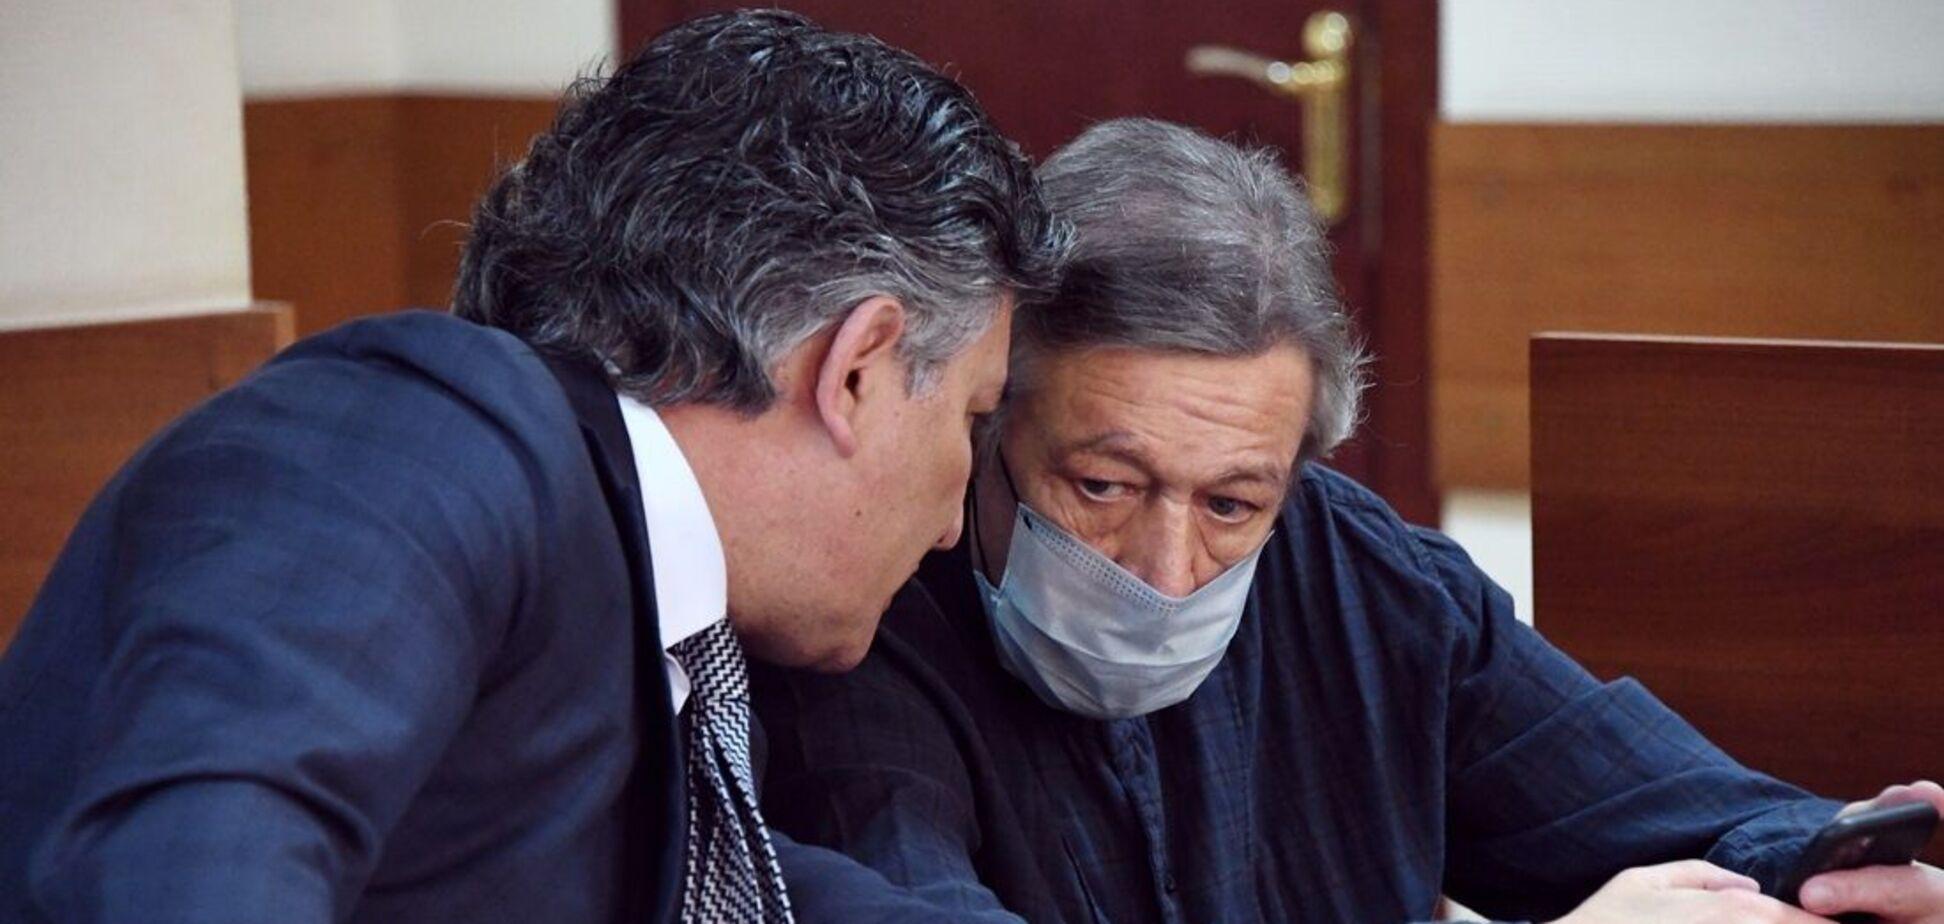 Пашаєв прокоментував чутки про відмову Єфремова від його послуг